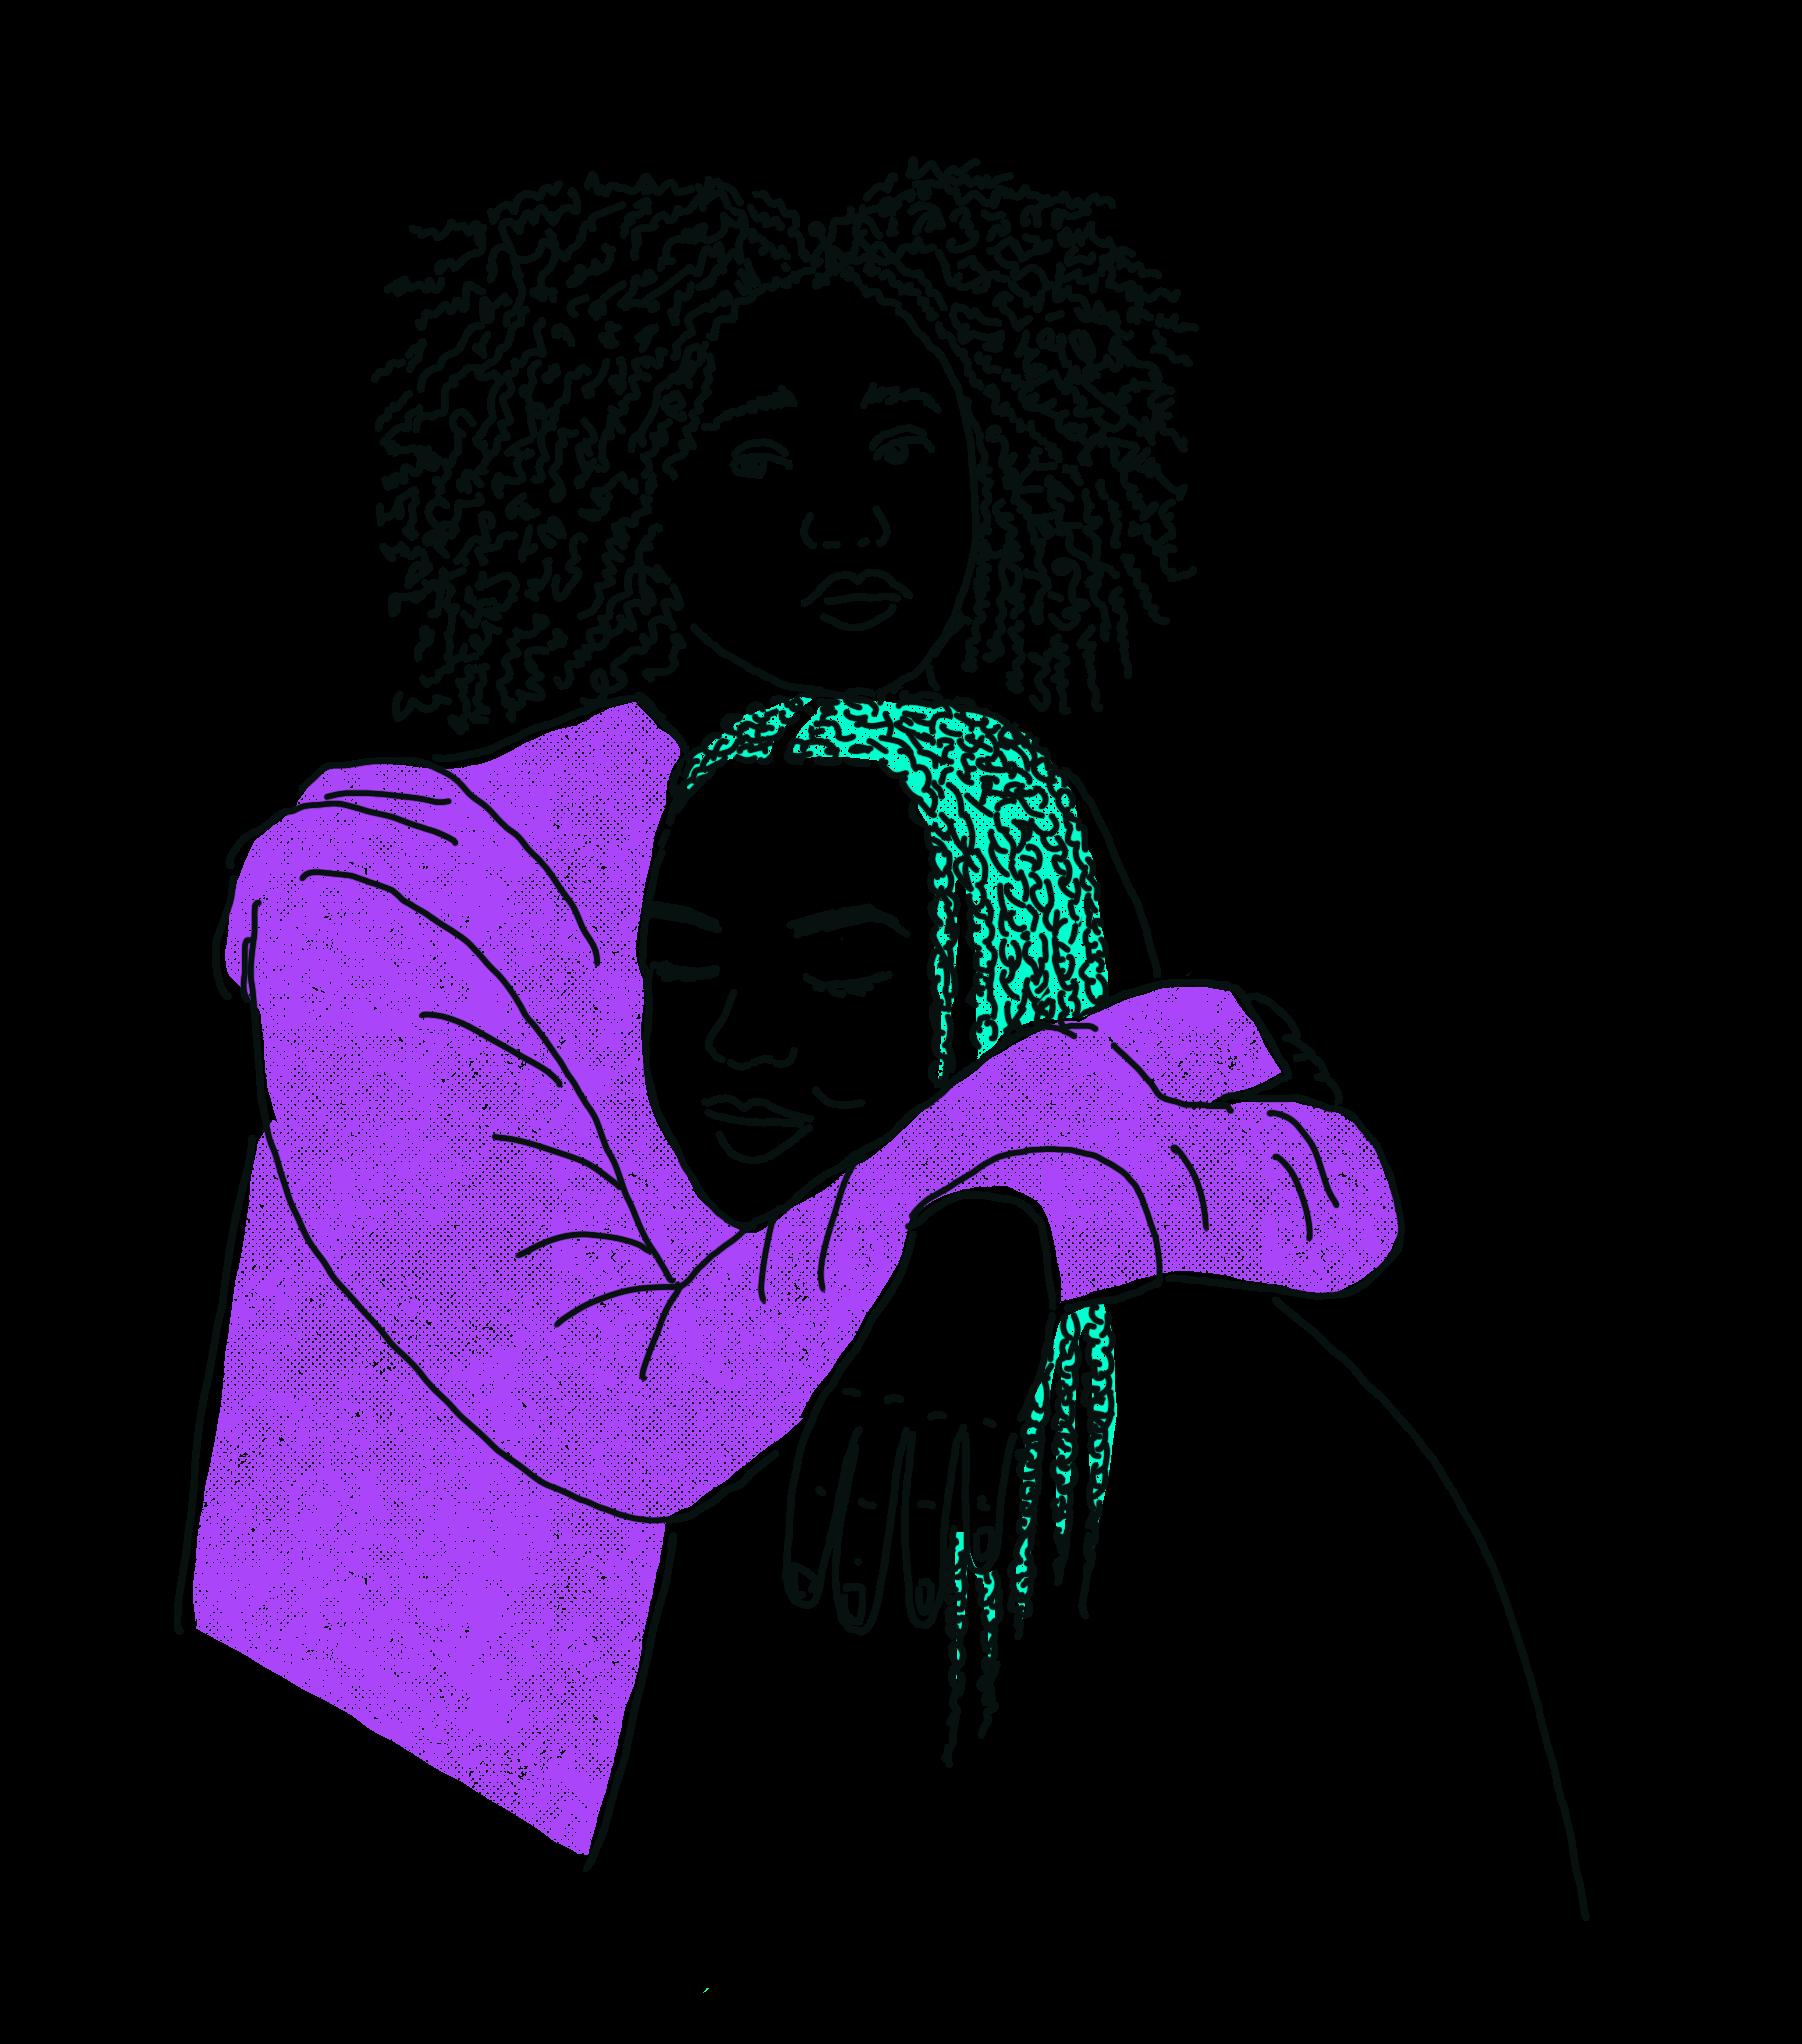 gezeichnet, eine Person mit locken udn violettem Kapuzenjäckchen hat eine person mit türkisen braids im Arm